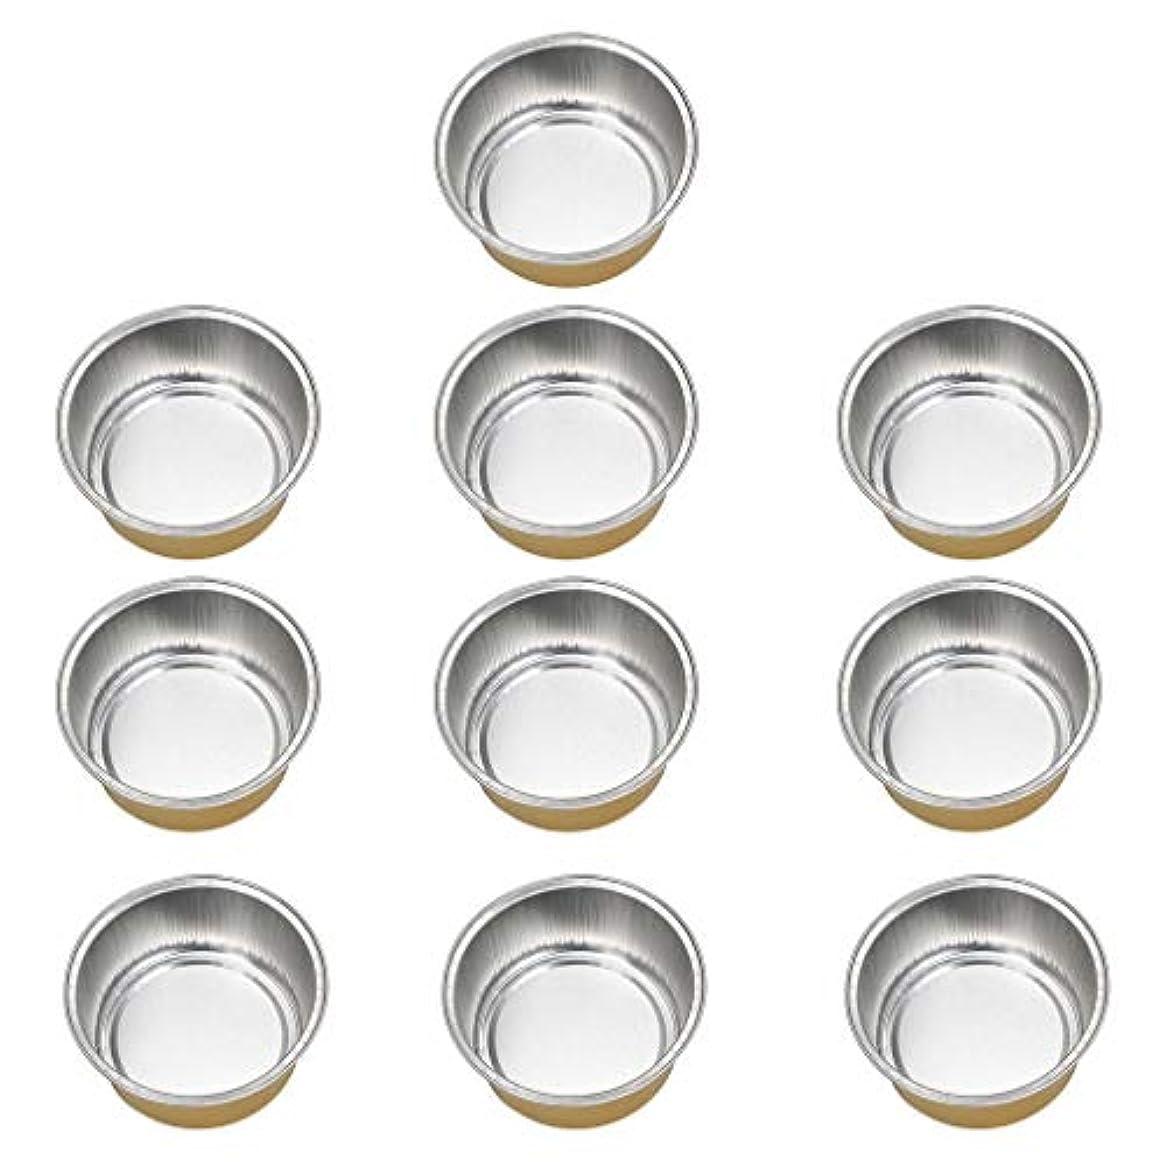 徹底適応担当者FLAMEER 10個 ワックスボウル ミニボウル アルミホイルボウル ワックス豆体 溶融 衛生的 2種選ぶ - ゴールデン2, 02